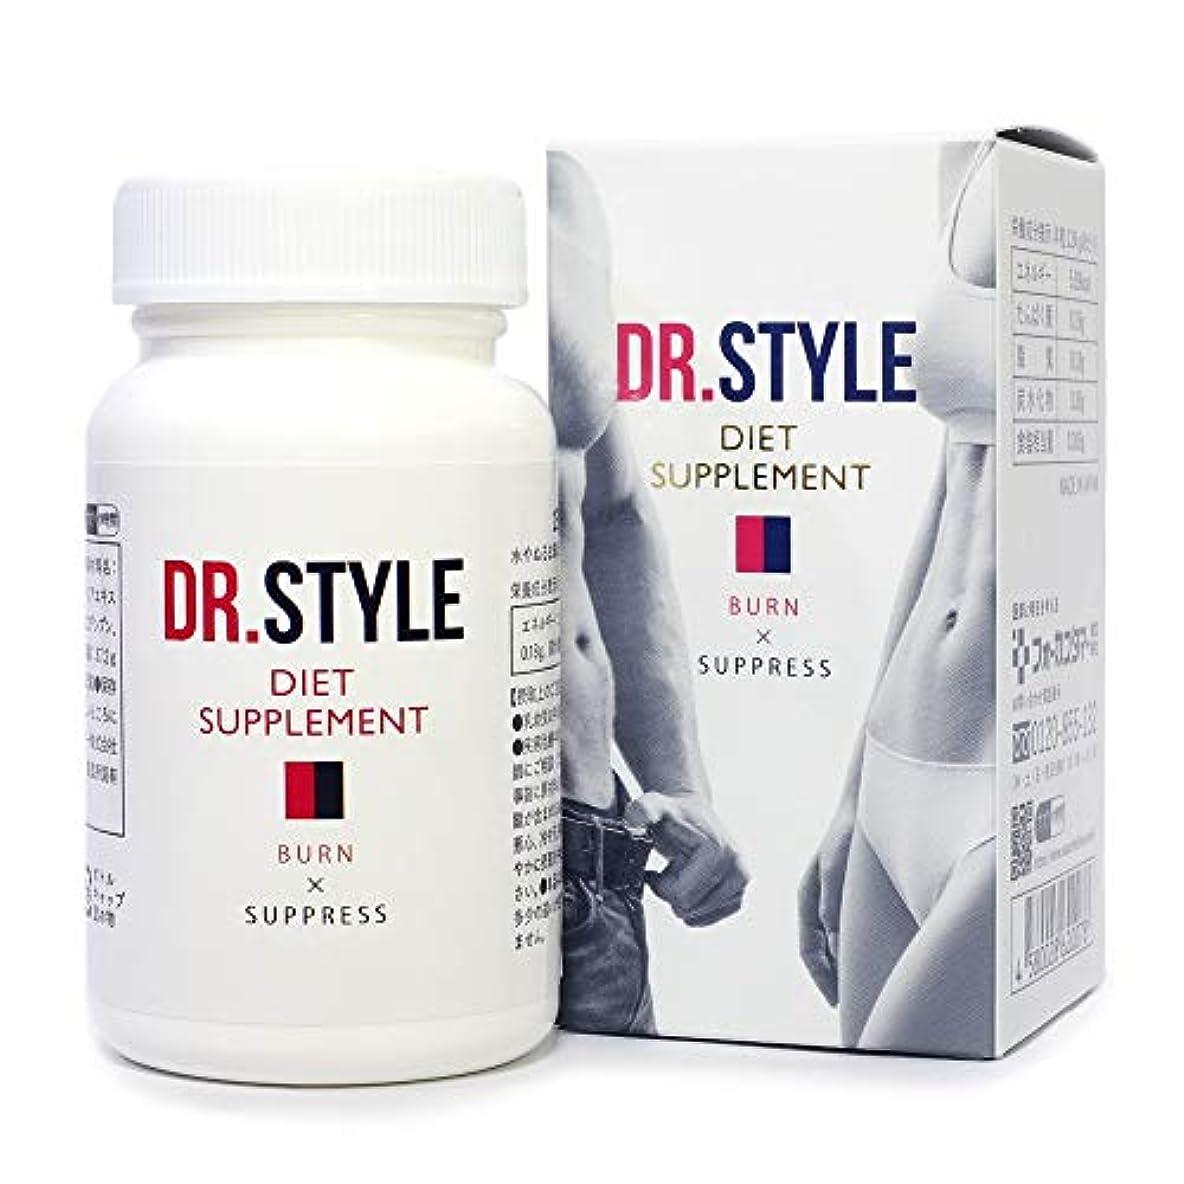 マリナープライム意識的DR.STYLE 医師監修 ダイエット サプリメント サラシア αリポ酸 L-カルニチン CoQ10 120粒